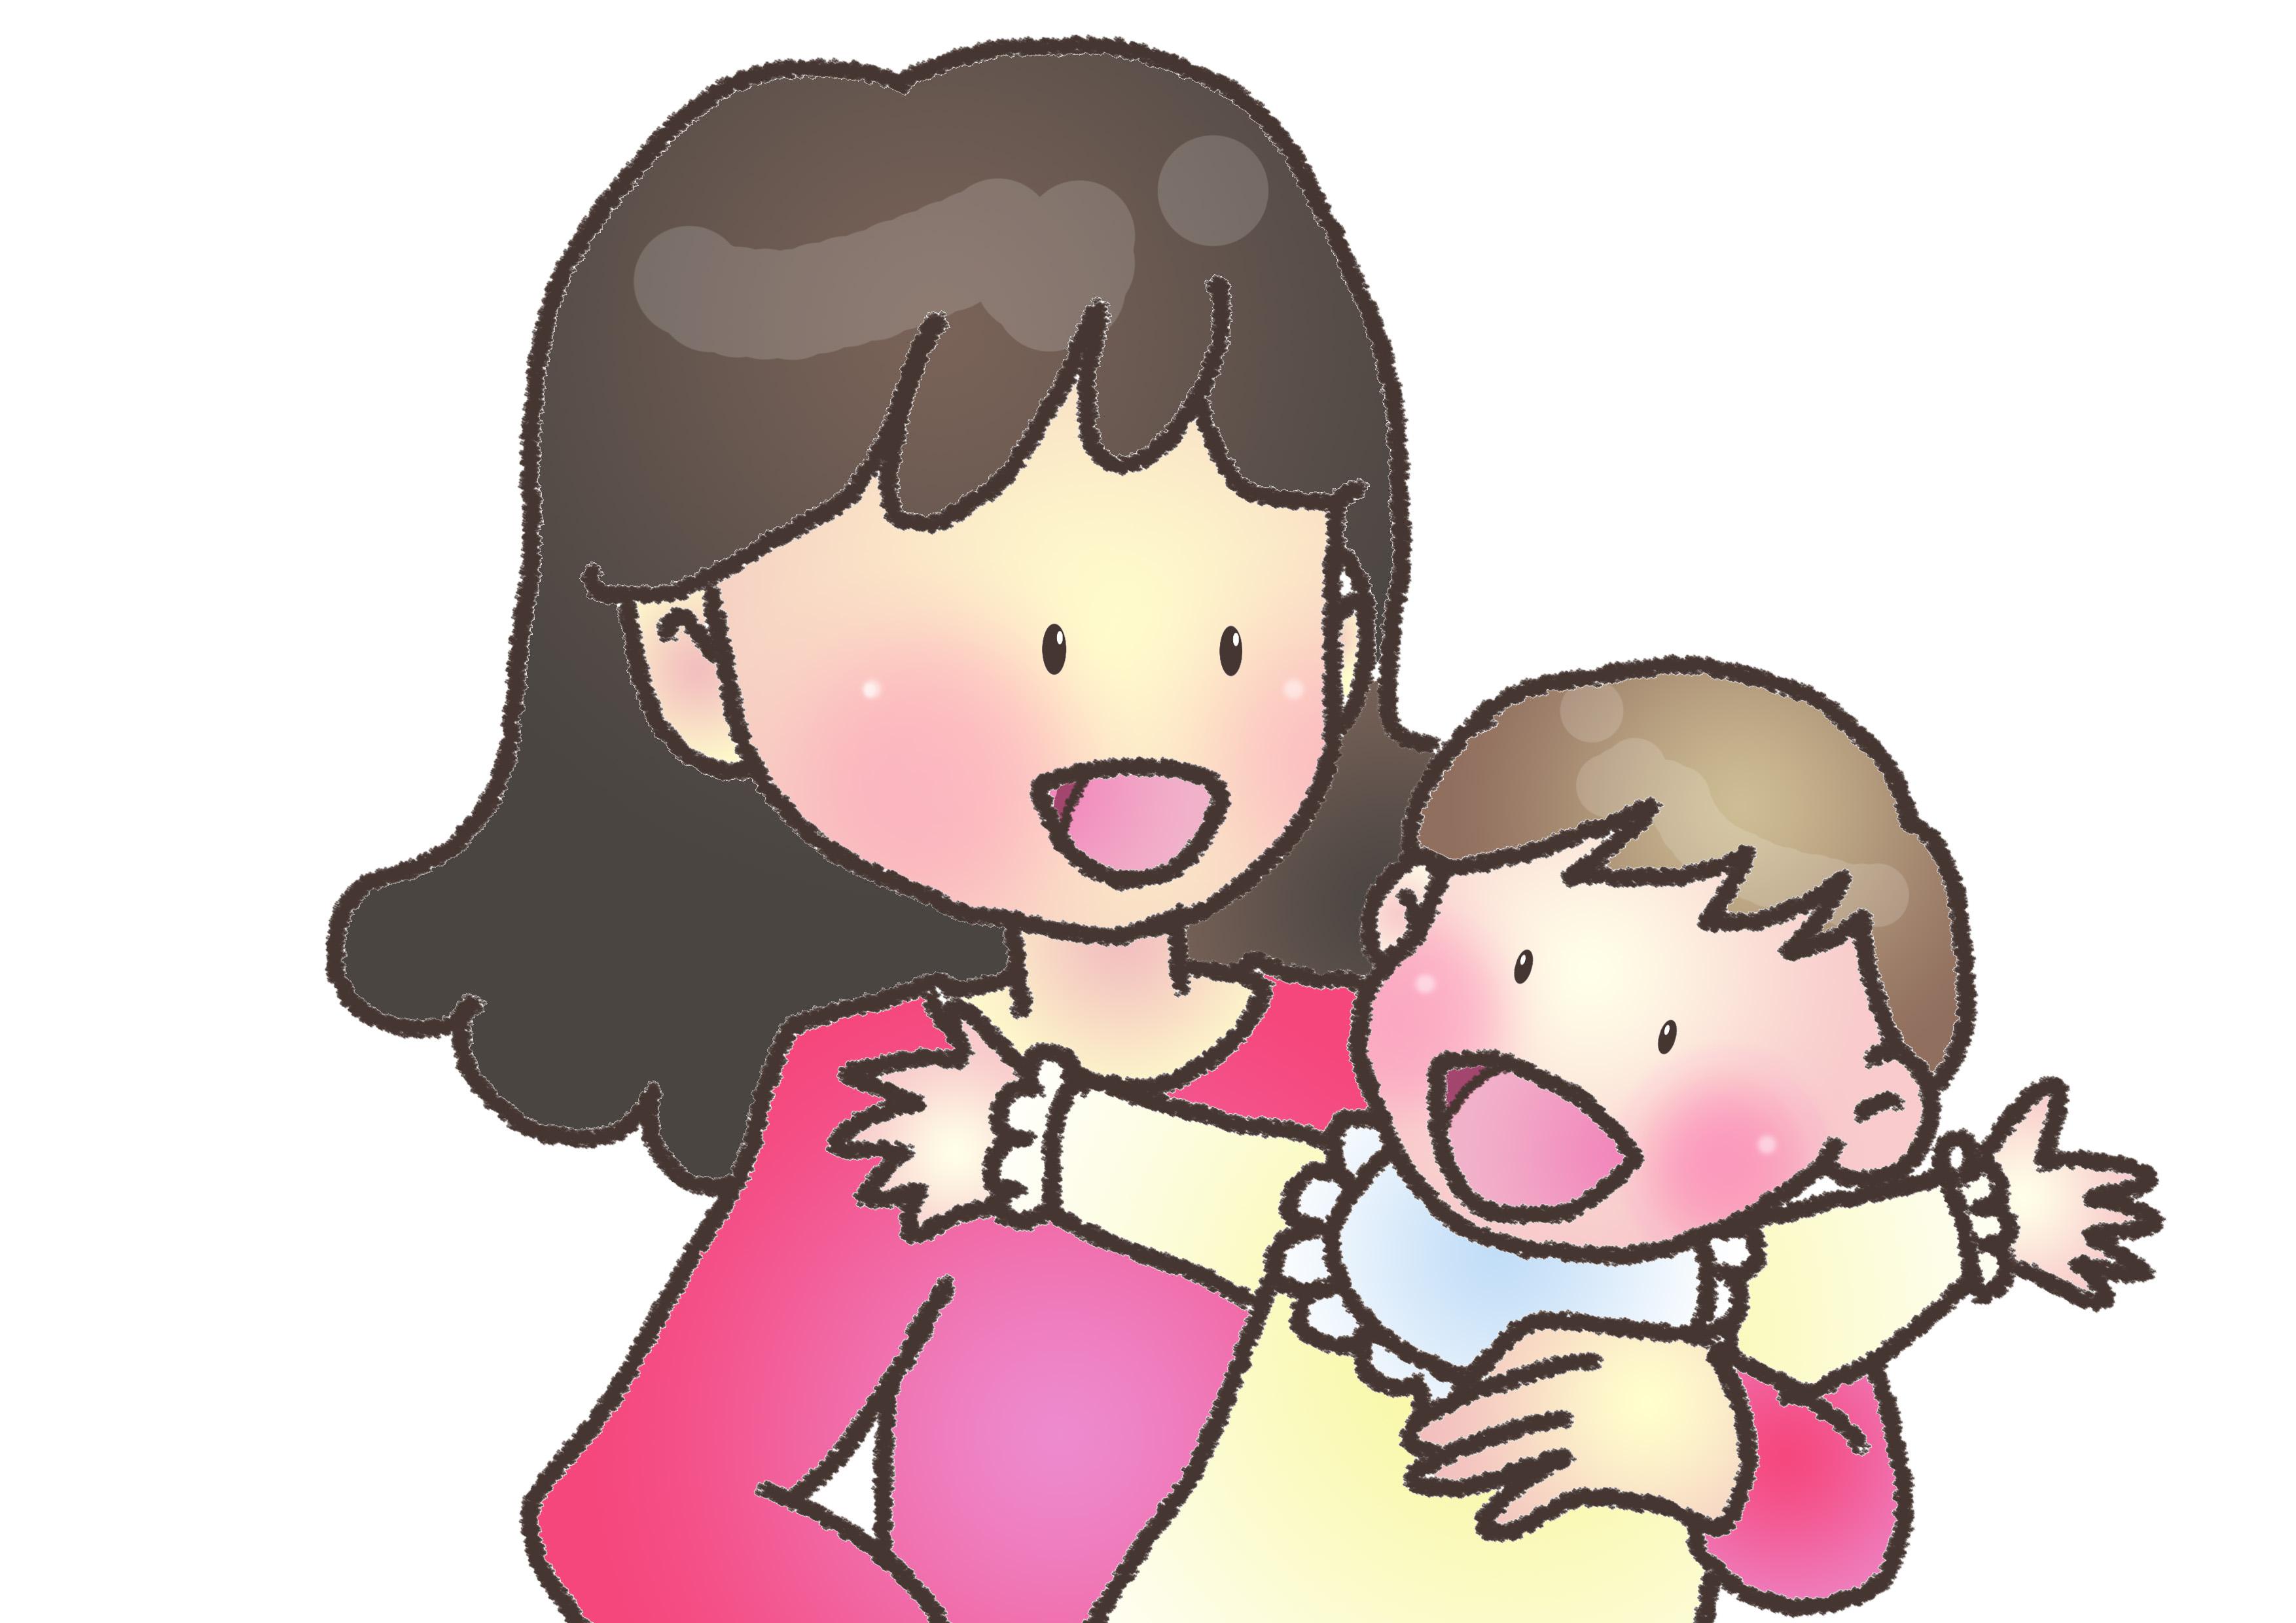 断乳がうまくいく方法は?へのへのもへじ?子供2人の断乳、体験談。